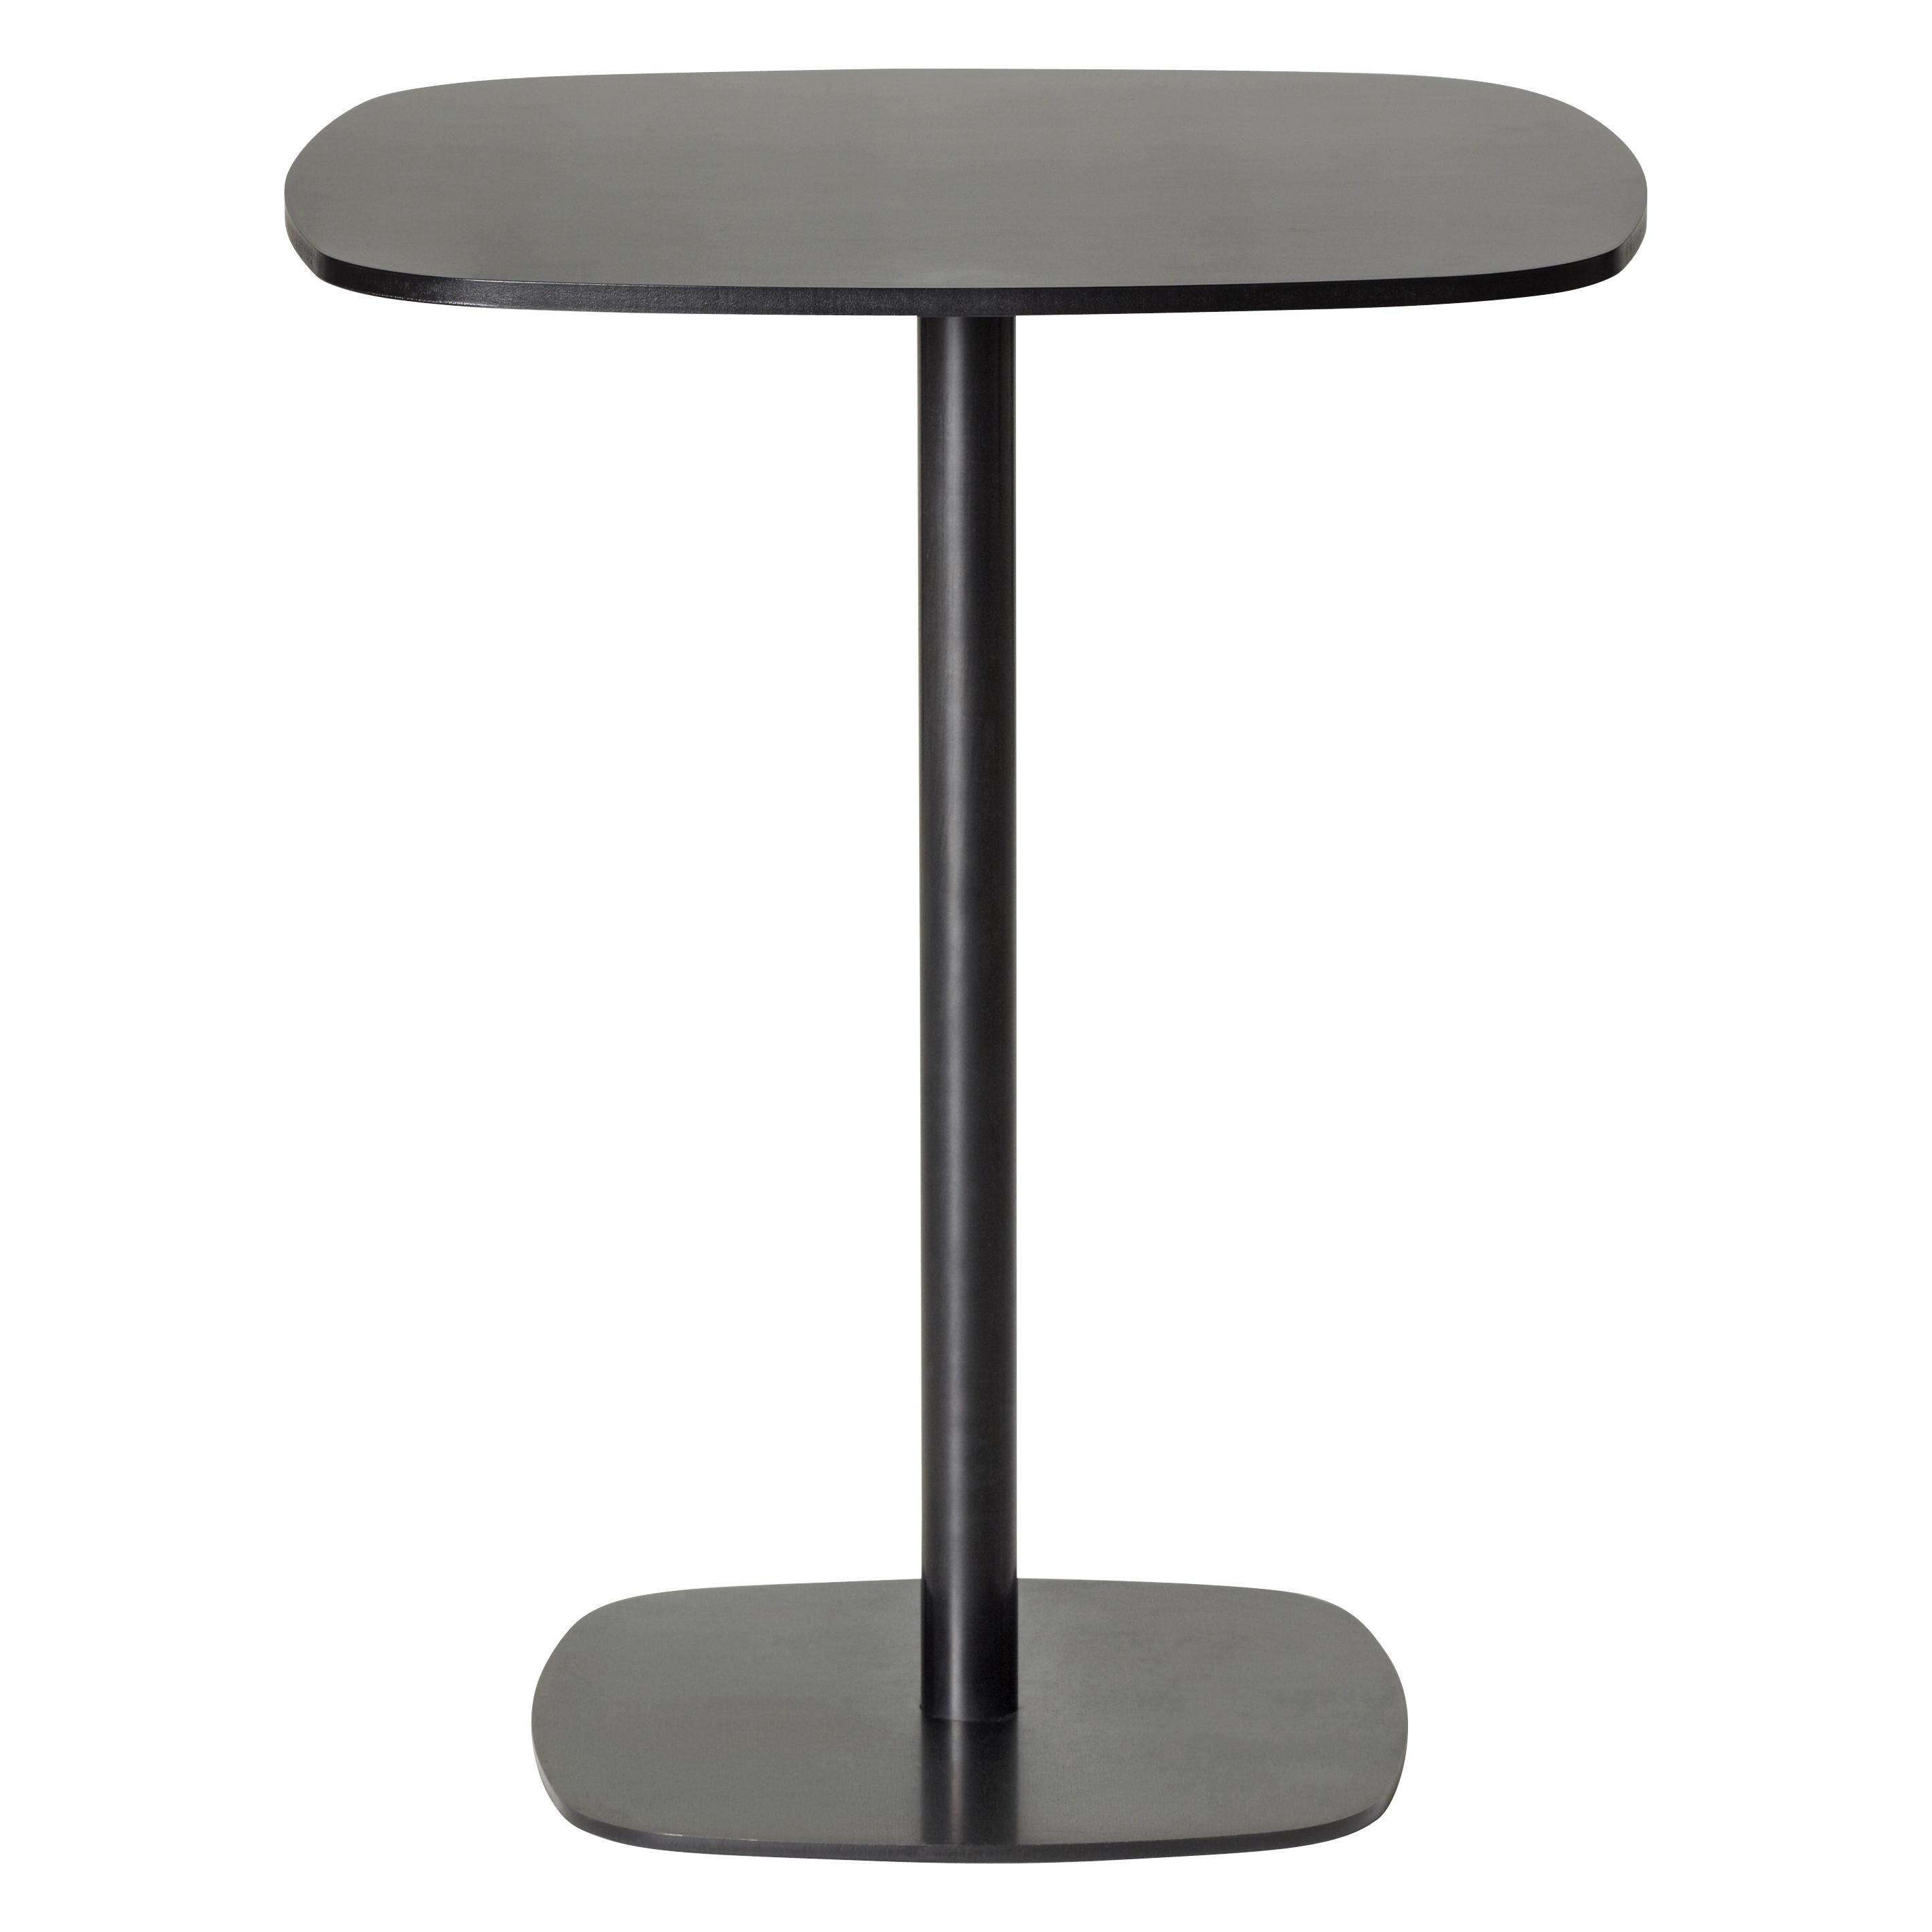 Scopri tavolo bar alto nobis h 110 cm 60x60 cm nero di - Tavolo alto bar ...